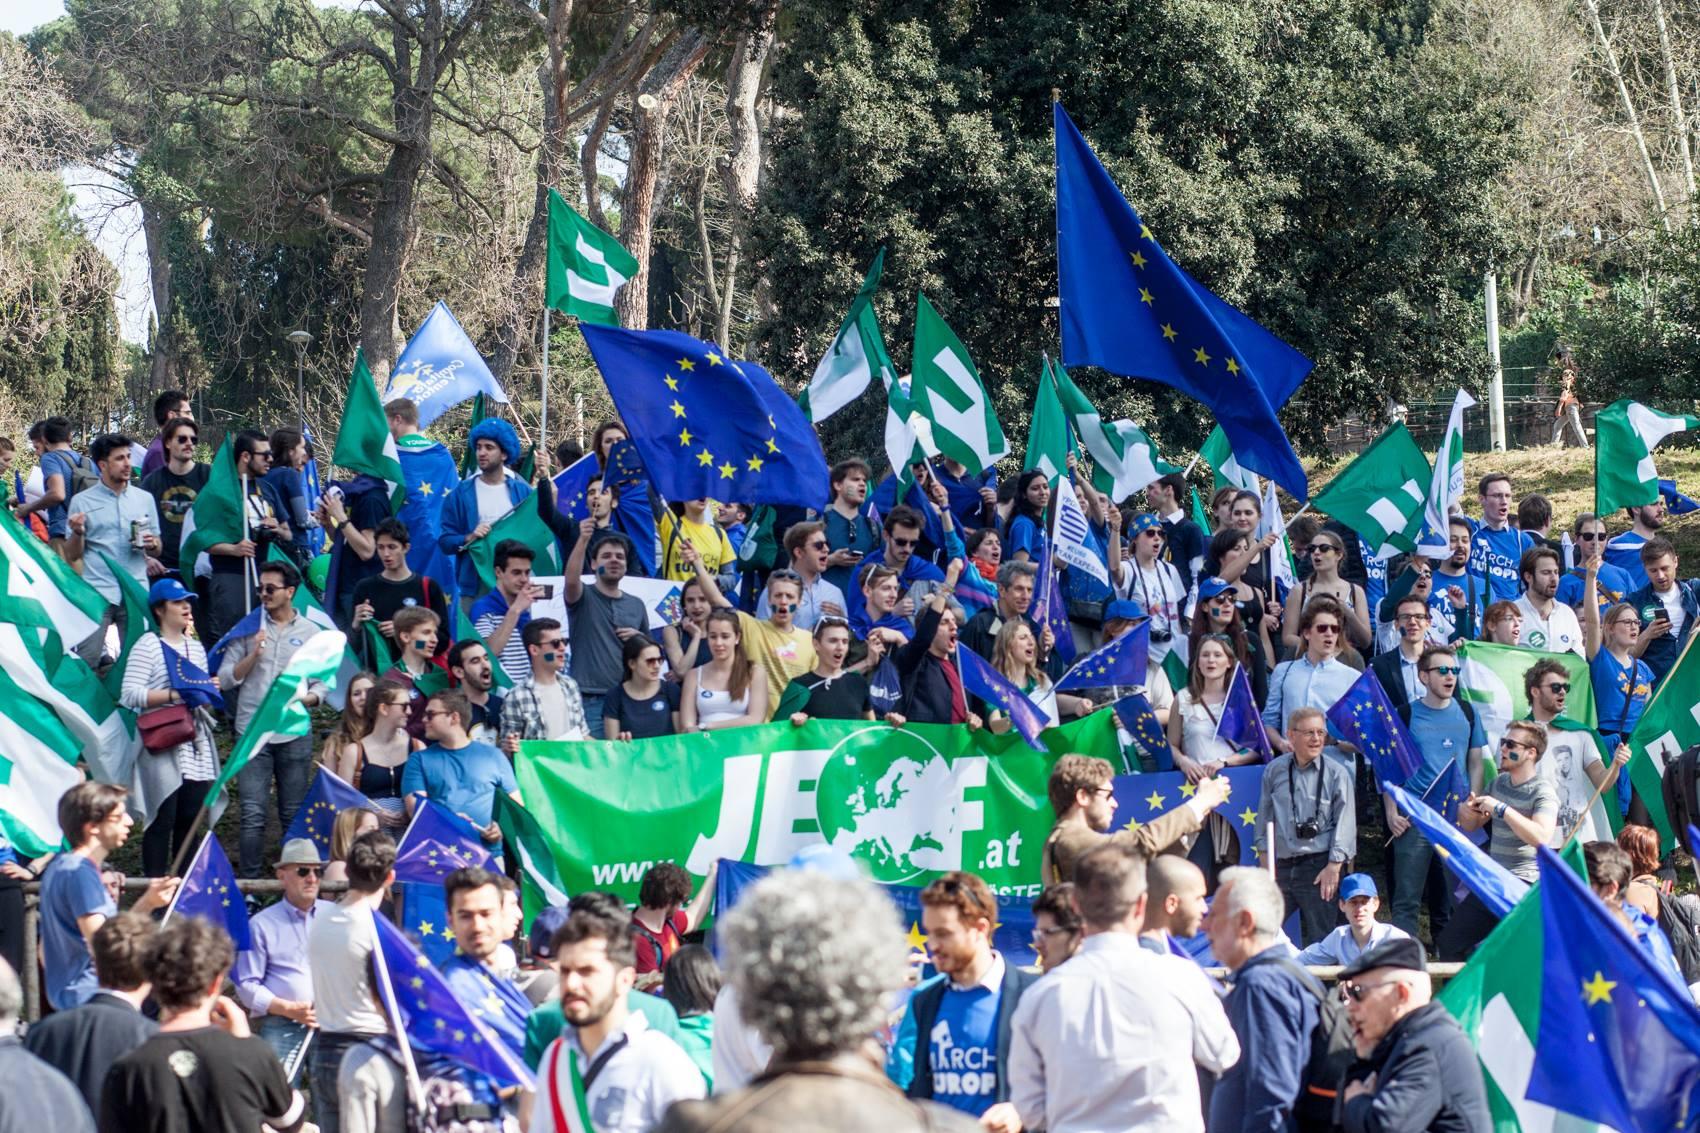 """Èxit de la """"Marxa per Europa"""" a Roma!"""